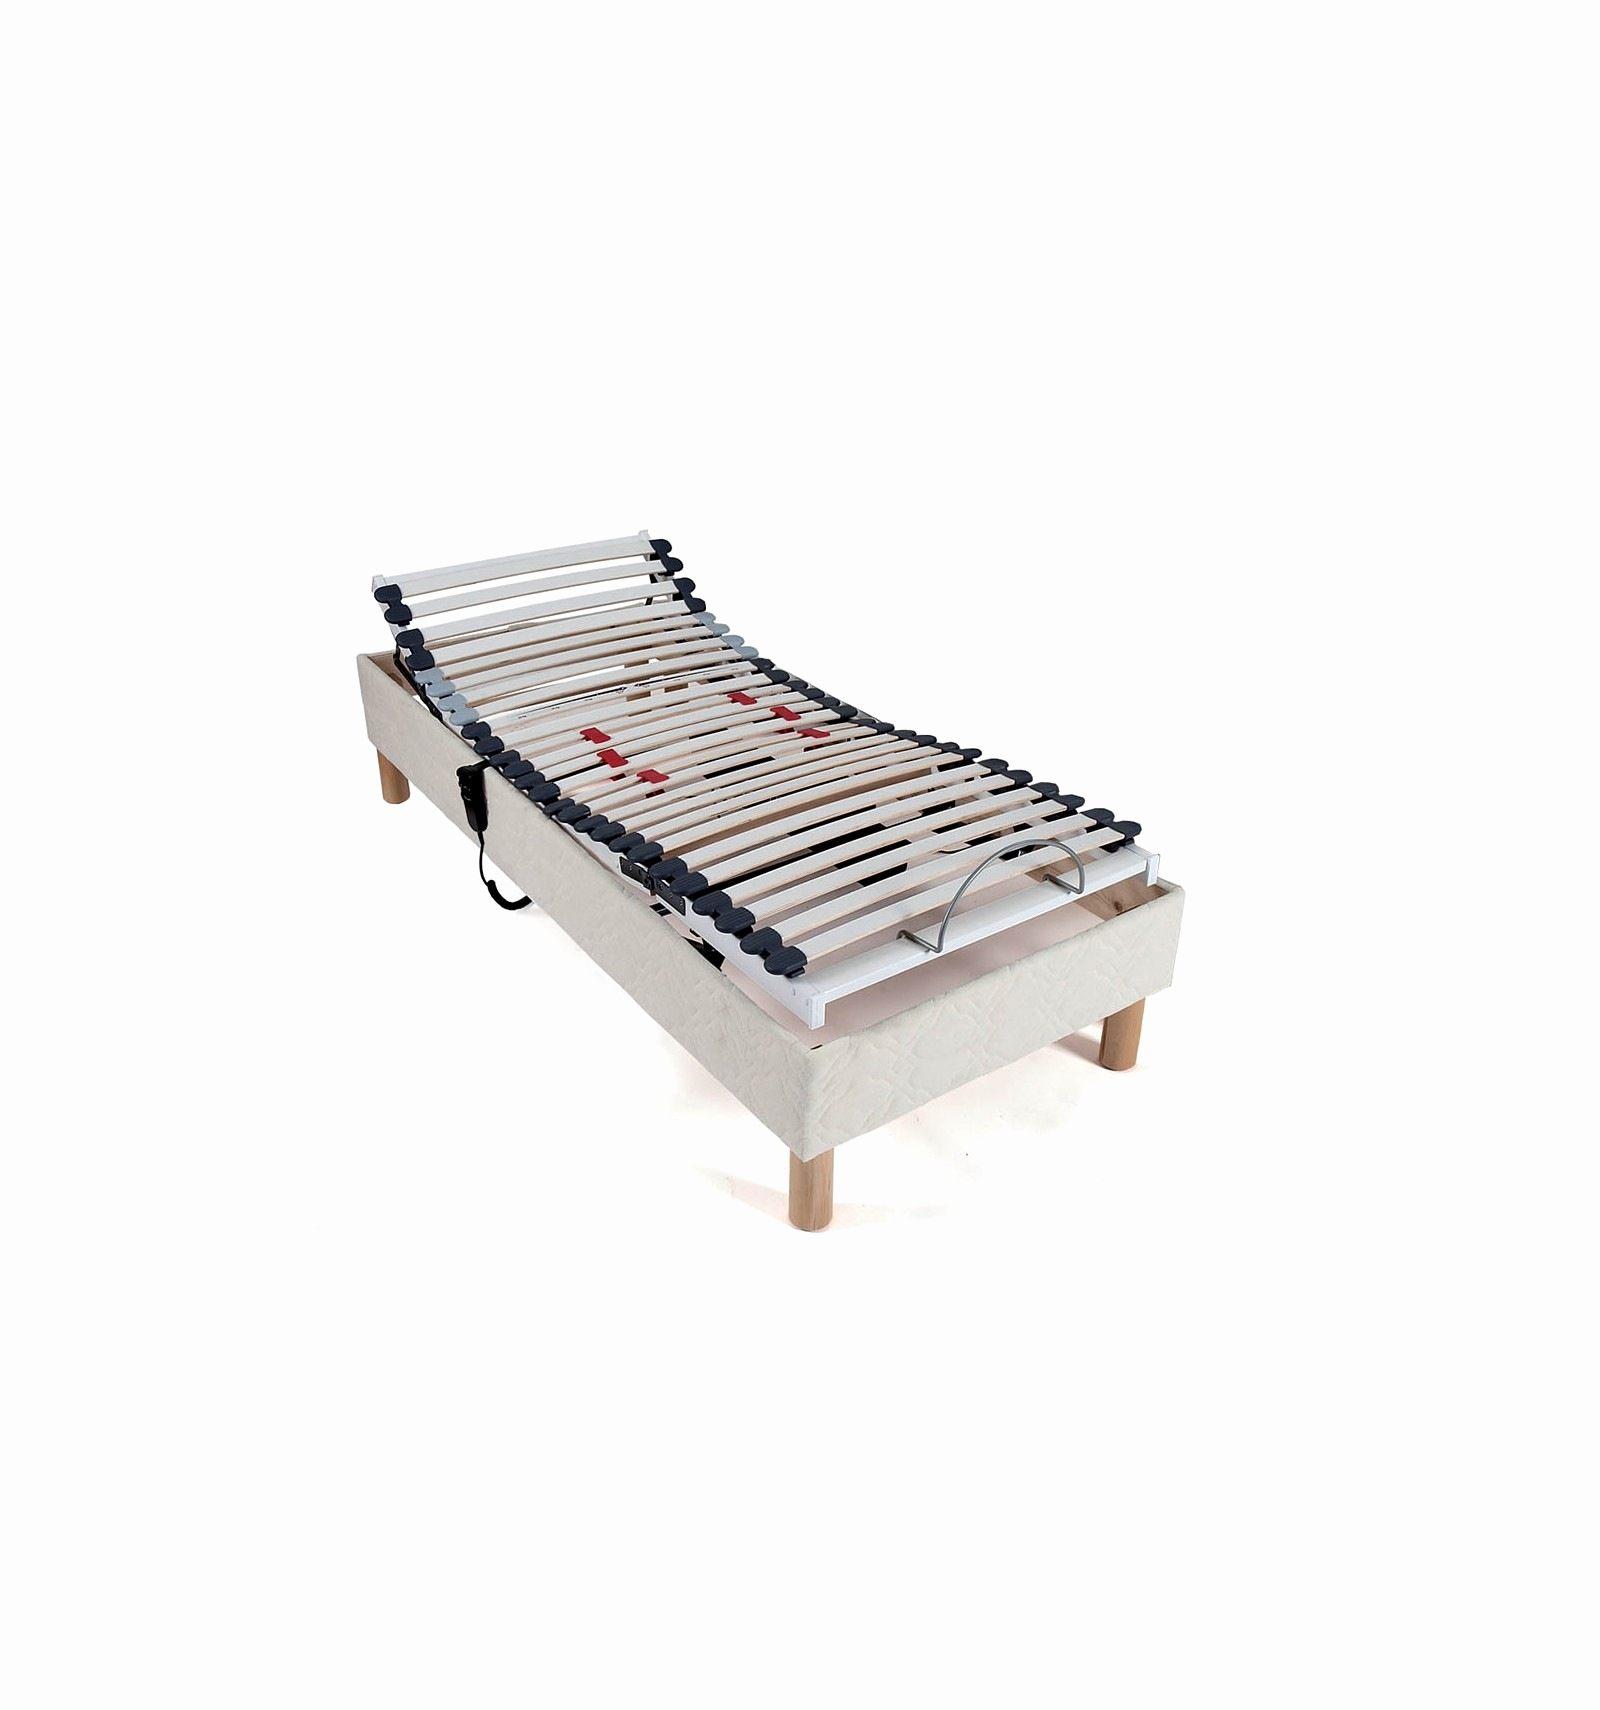 Matelas Pour Lit Electrique 80×200 Meilleur De sommier Electrique 180—200 Nouveau sommier Electrique 80—200 Ikea